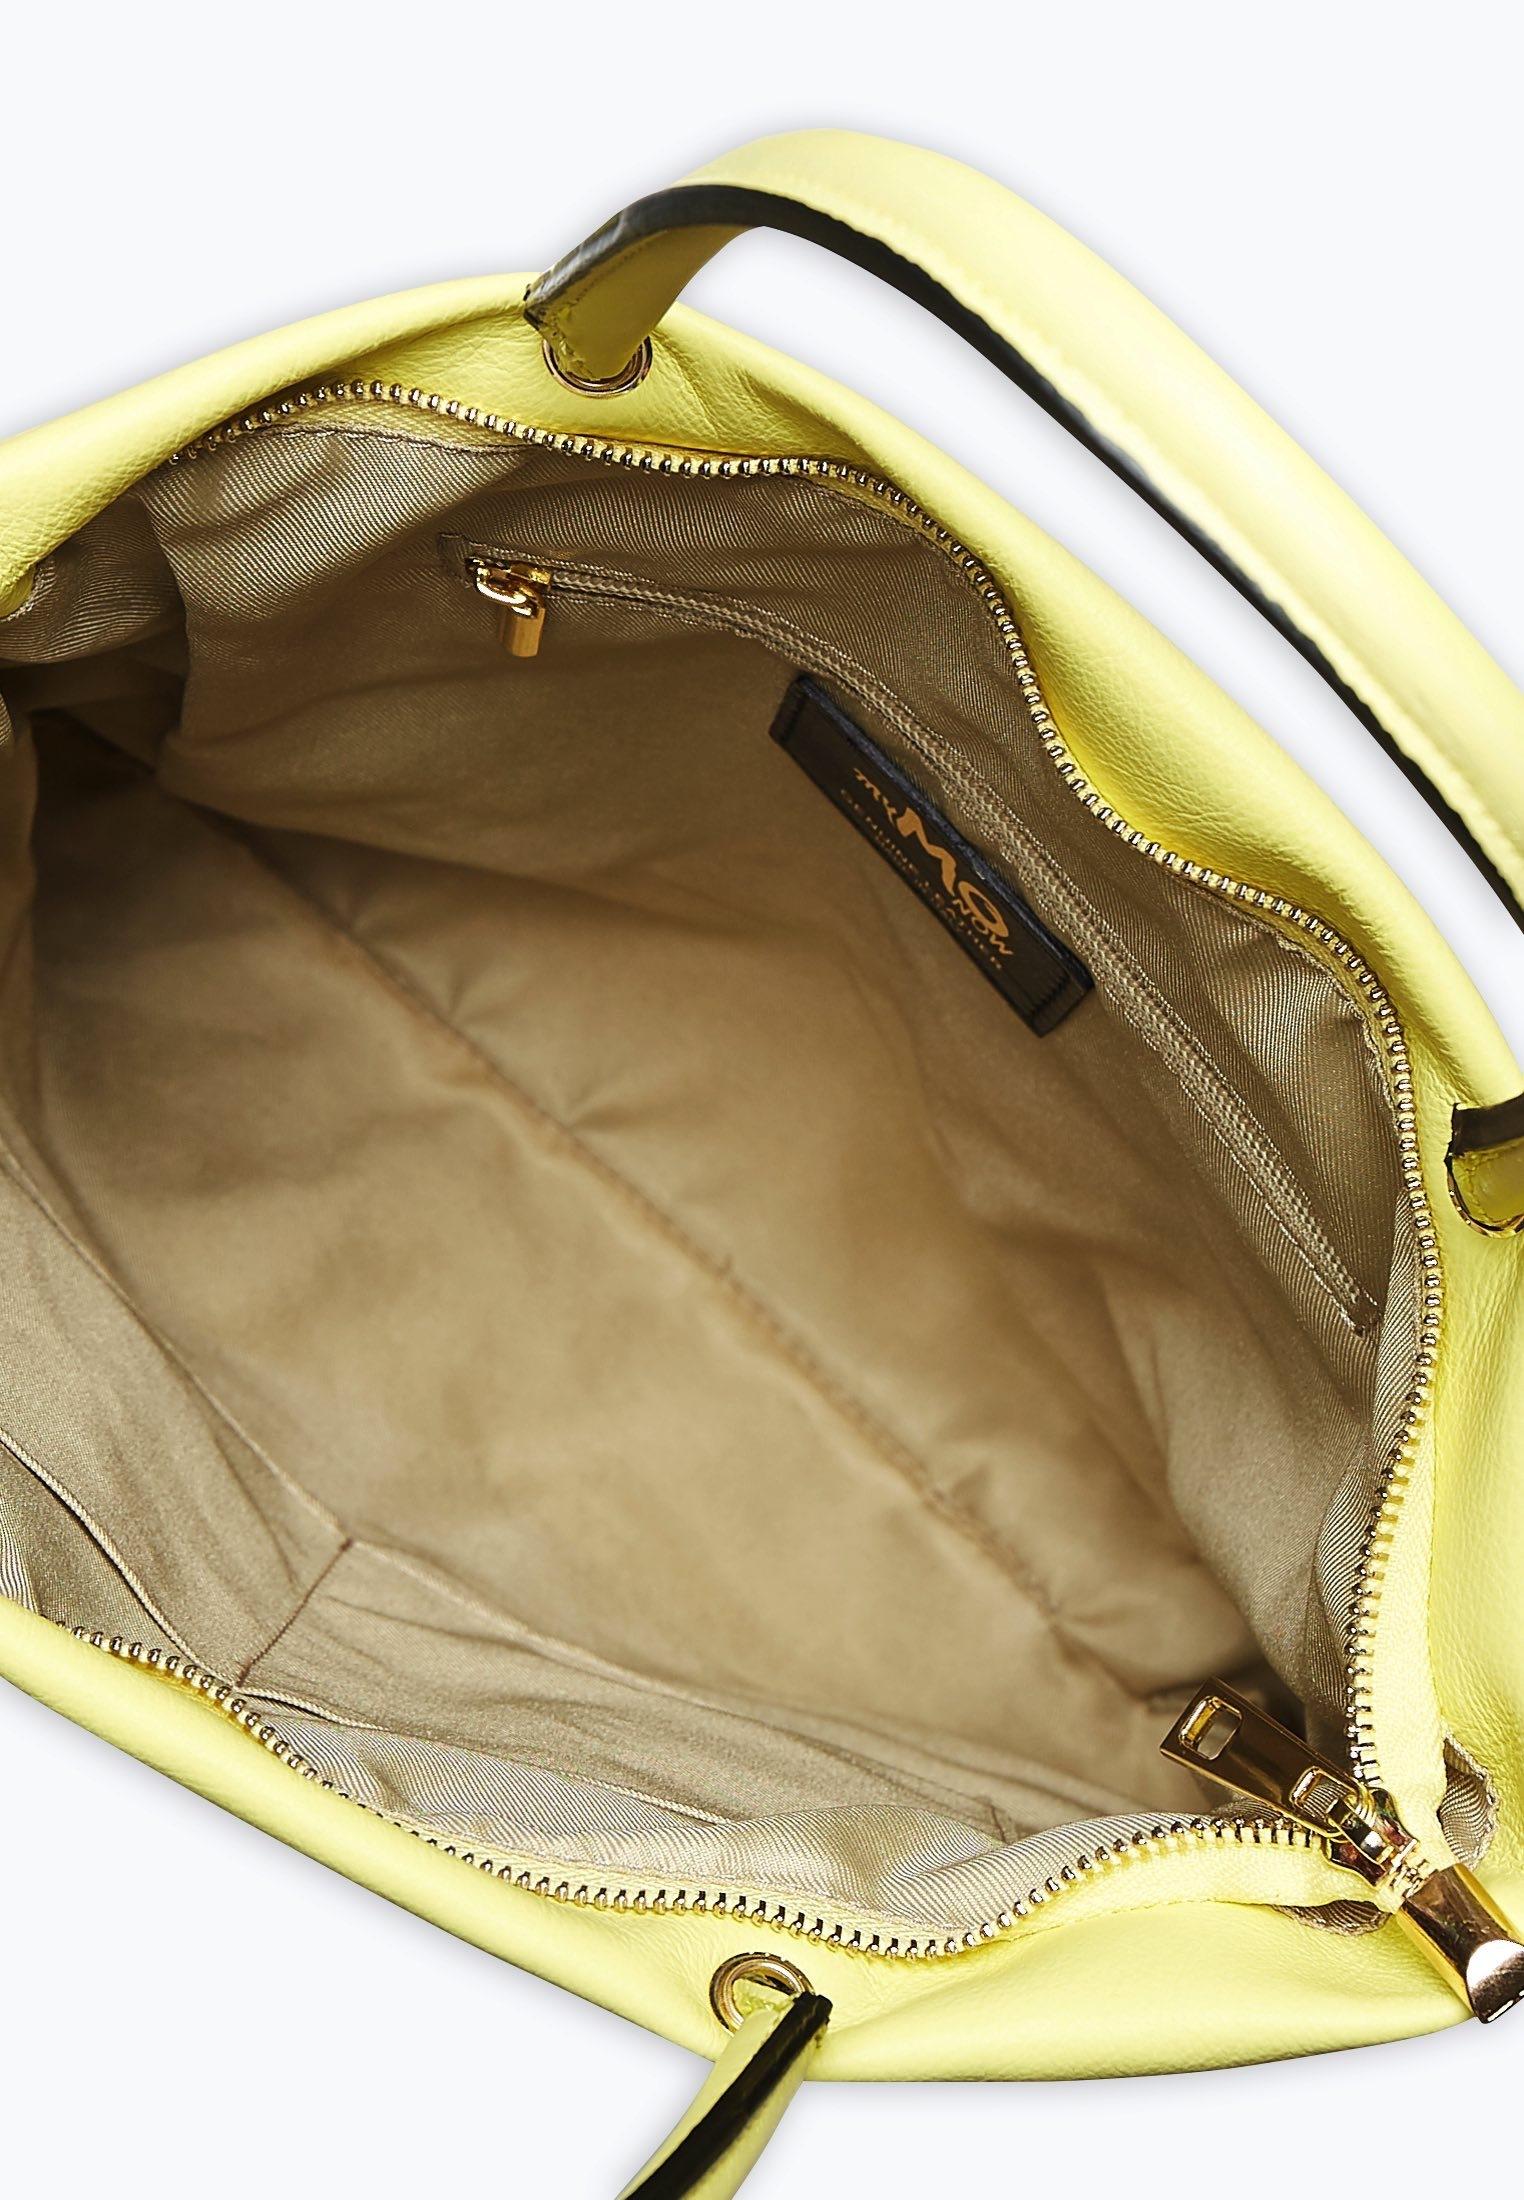 MyMo NOW Handtasche in limette günstig kaufen